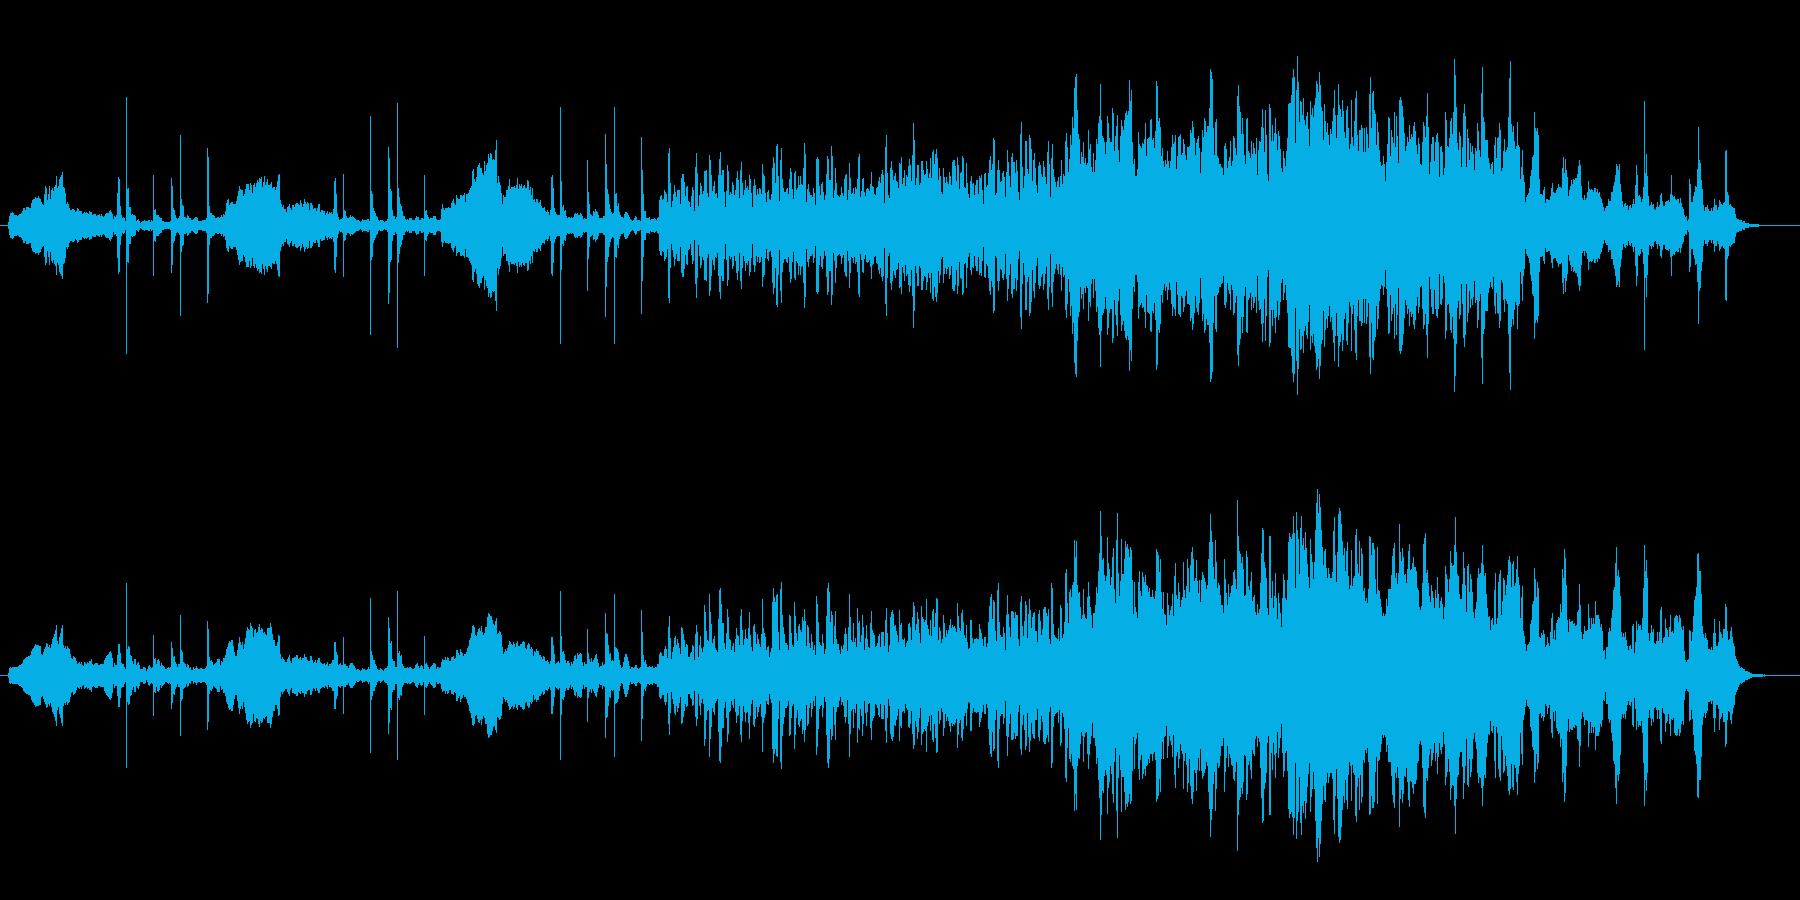 自然と調和するヴァイオリン生演奏の再生済みの波形